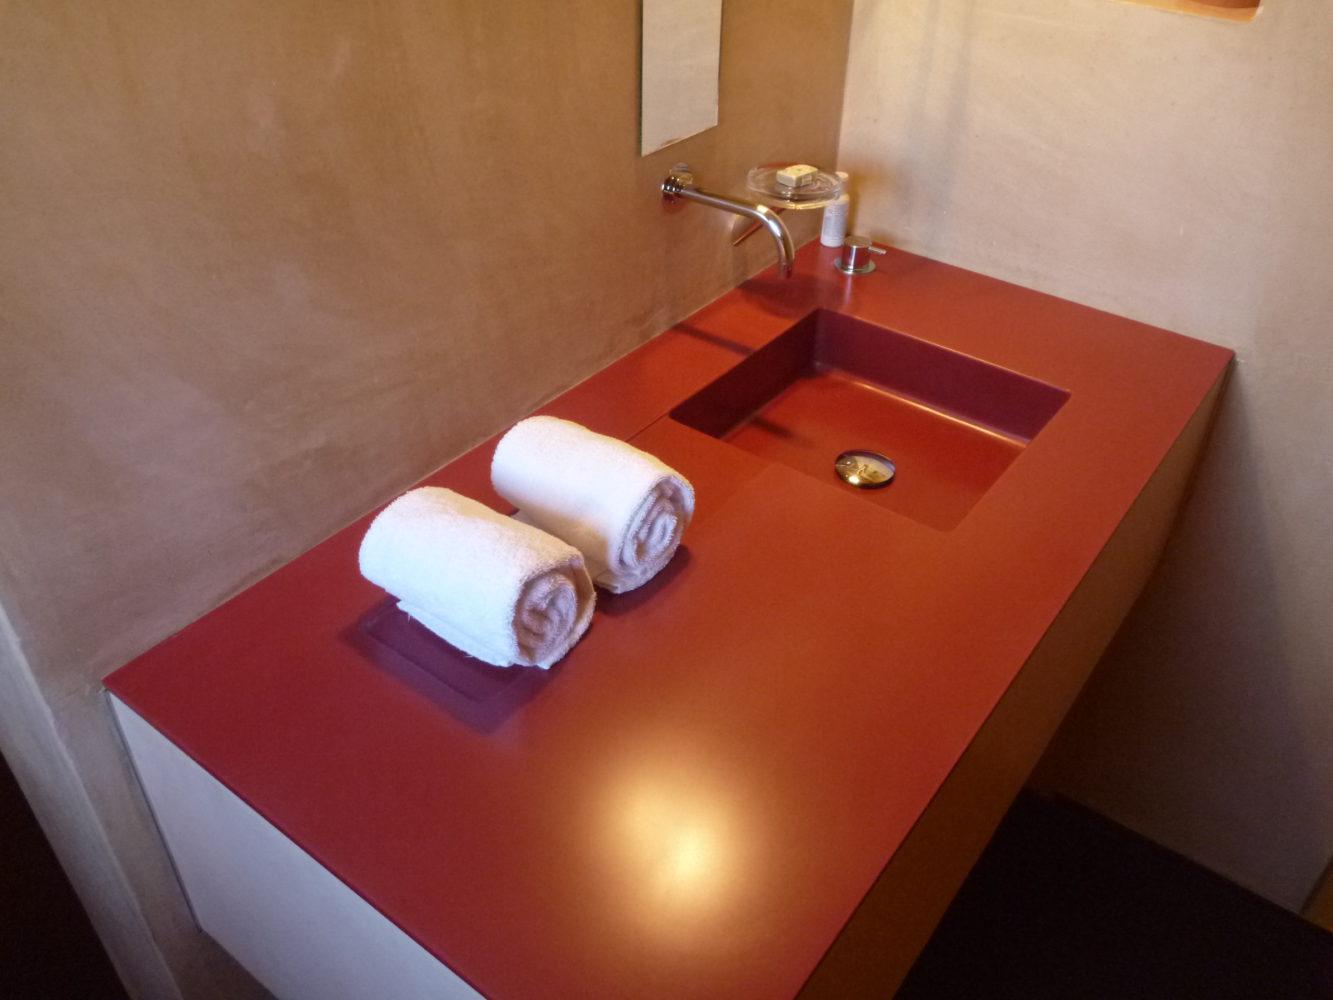 Meuble vasque rouge en Corian®